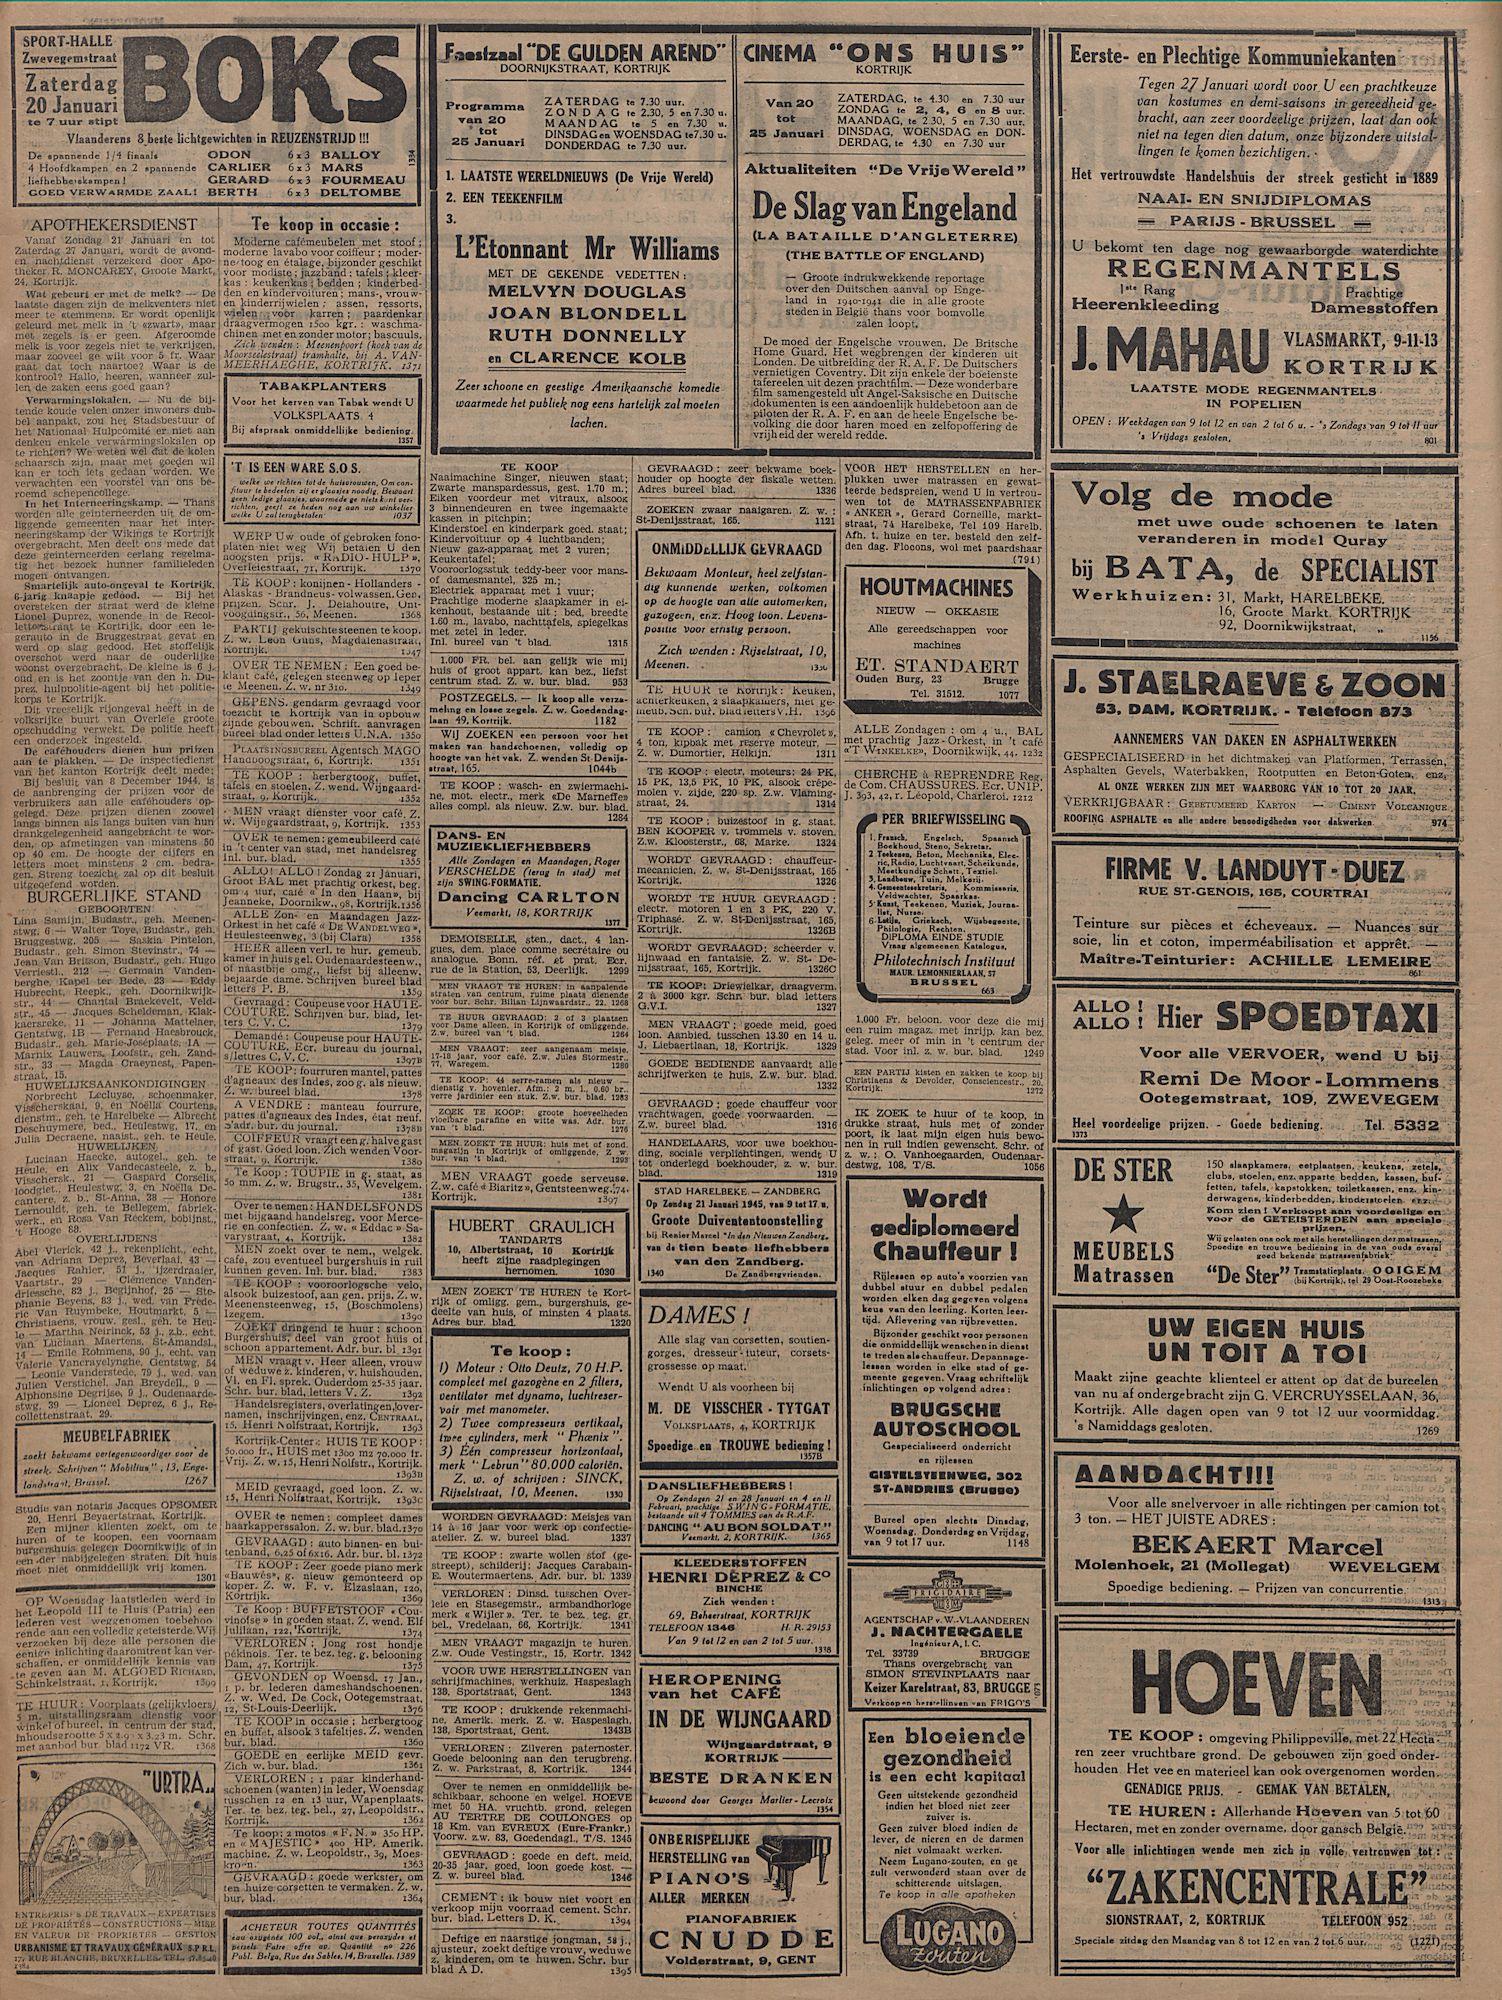 Kortrijksch Handelsblad 20 januari 1945 Nr6 p2